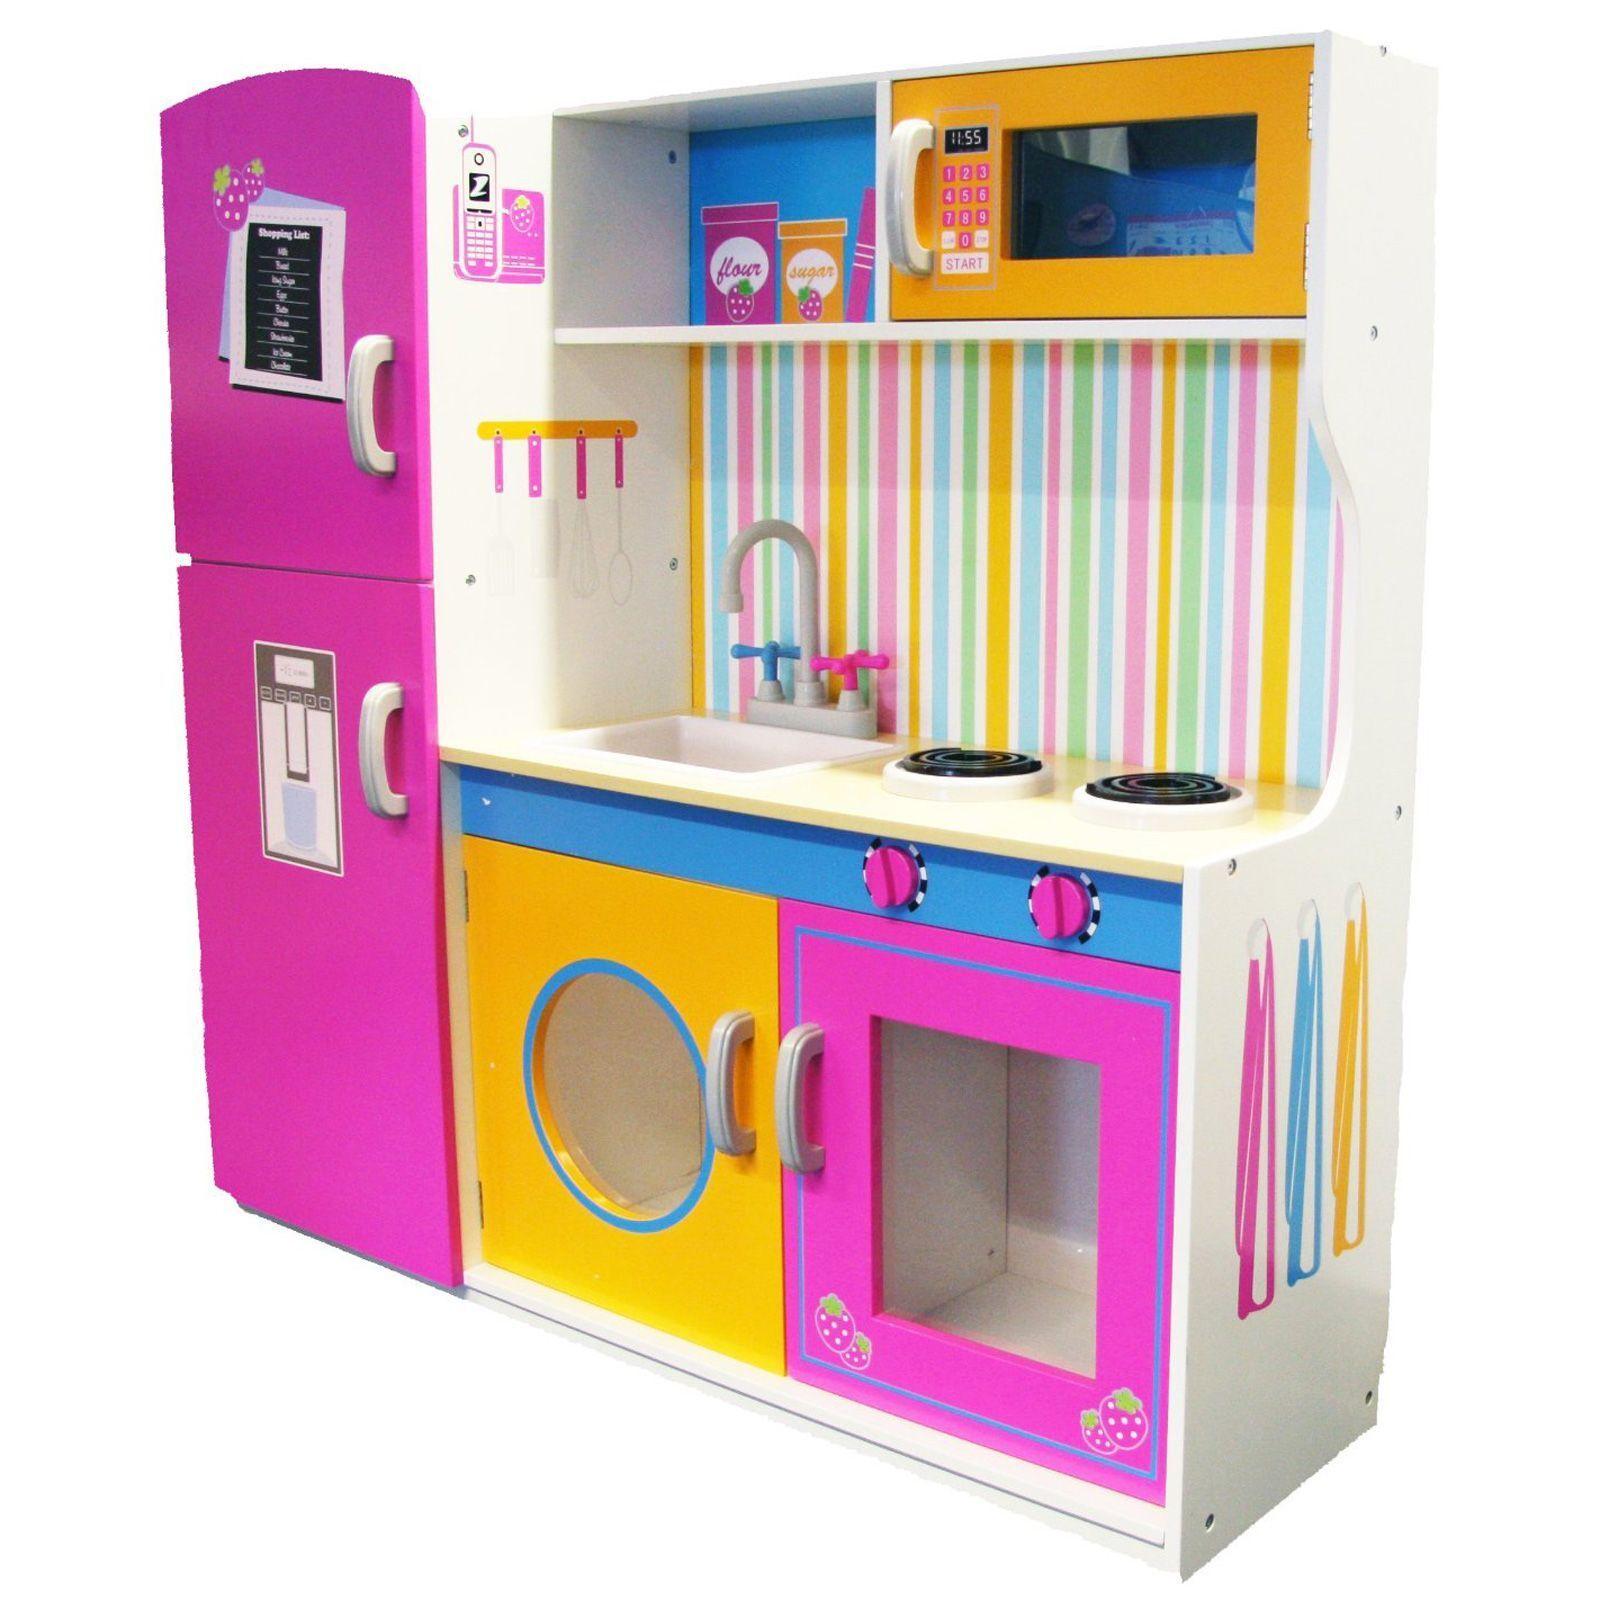 Groß Hölzern Küche mit Kühlschrank Neu Mädchen Rollenspiel